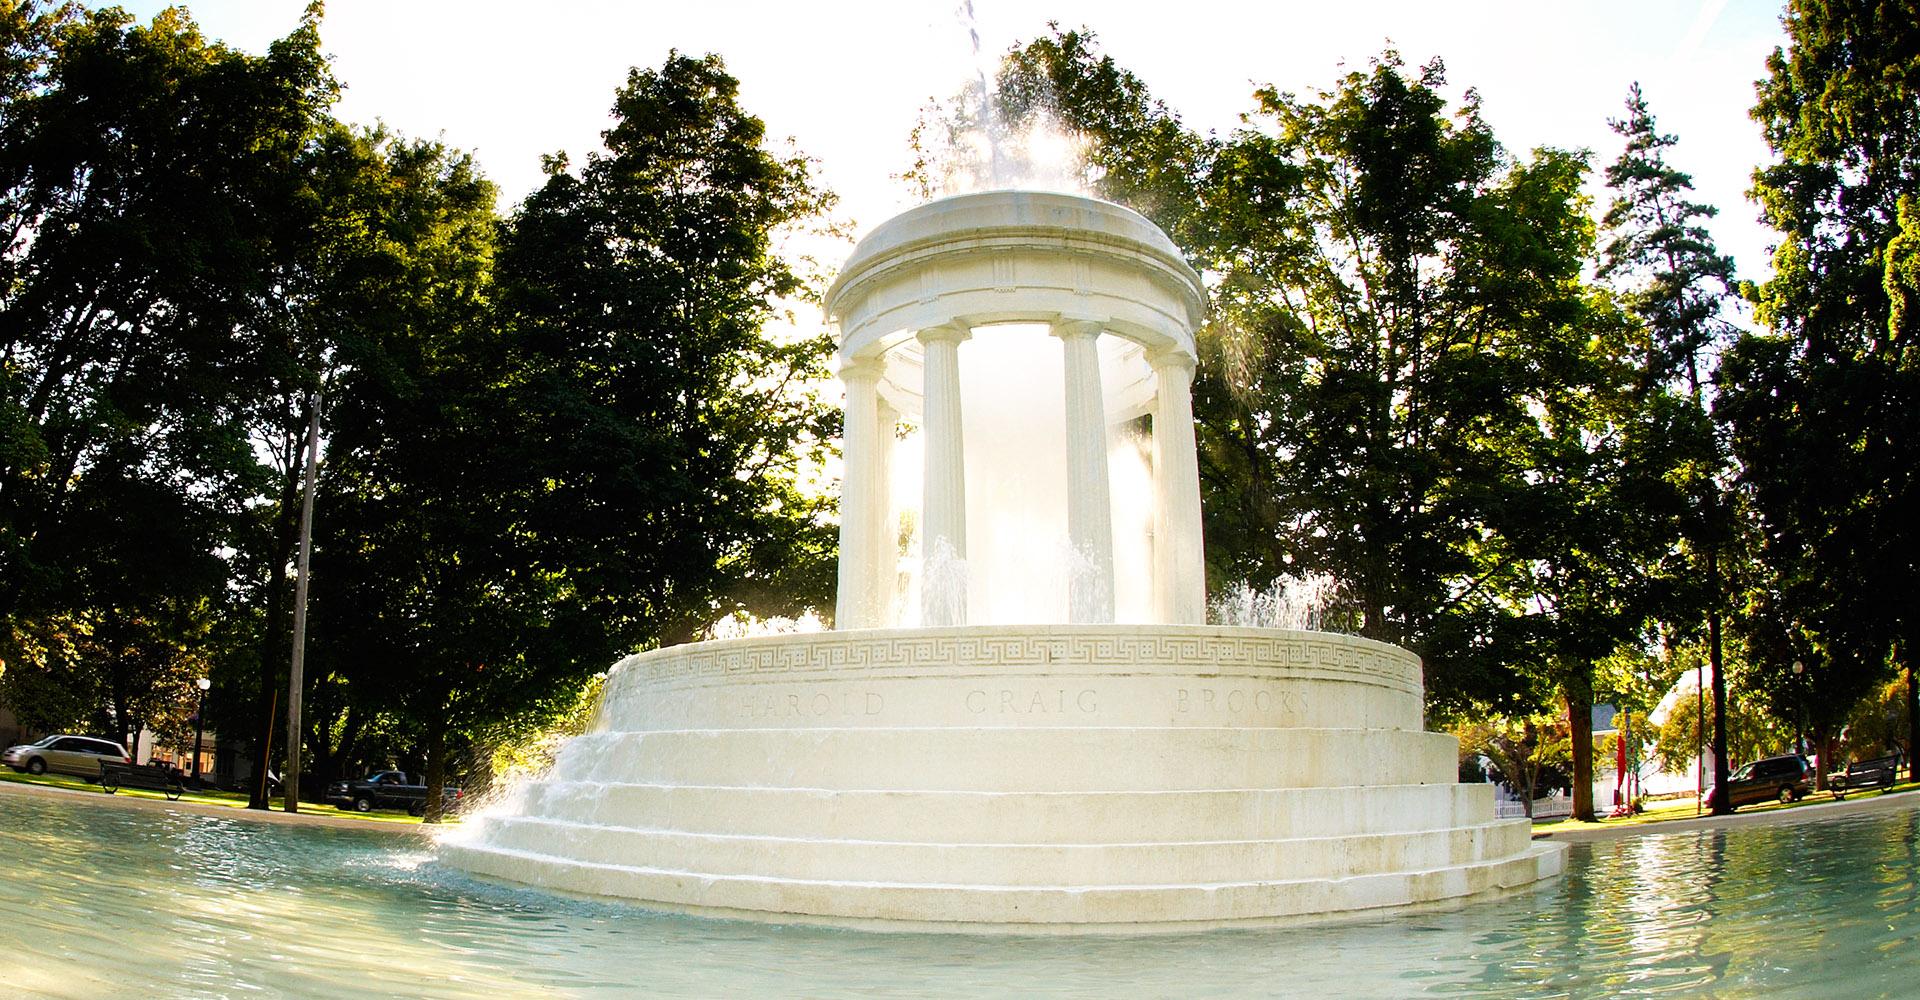 Brooks Memorial Fountain - Marshall, Michigan